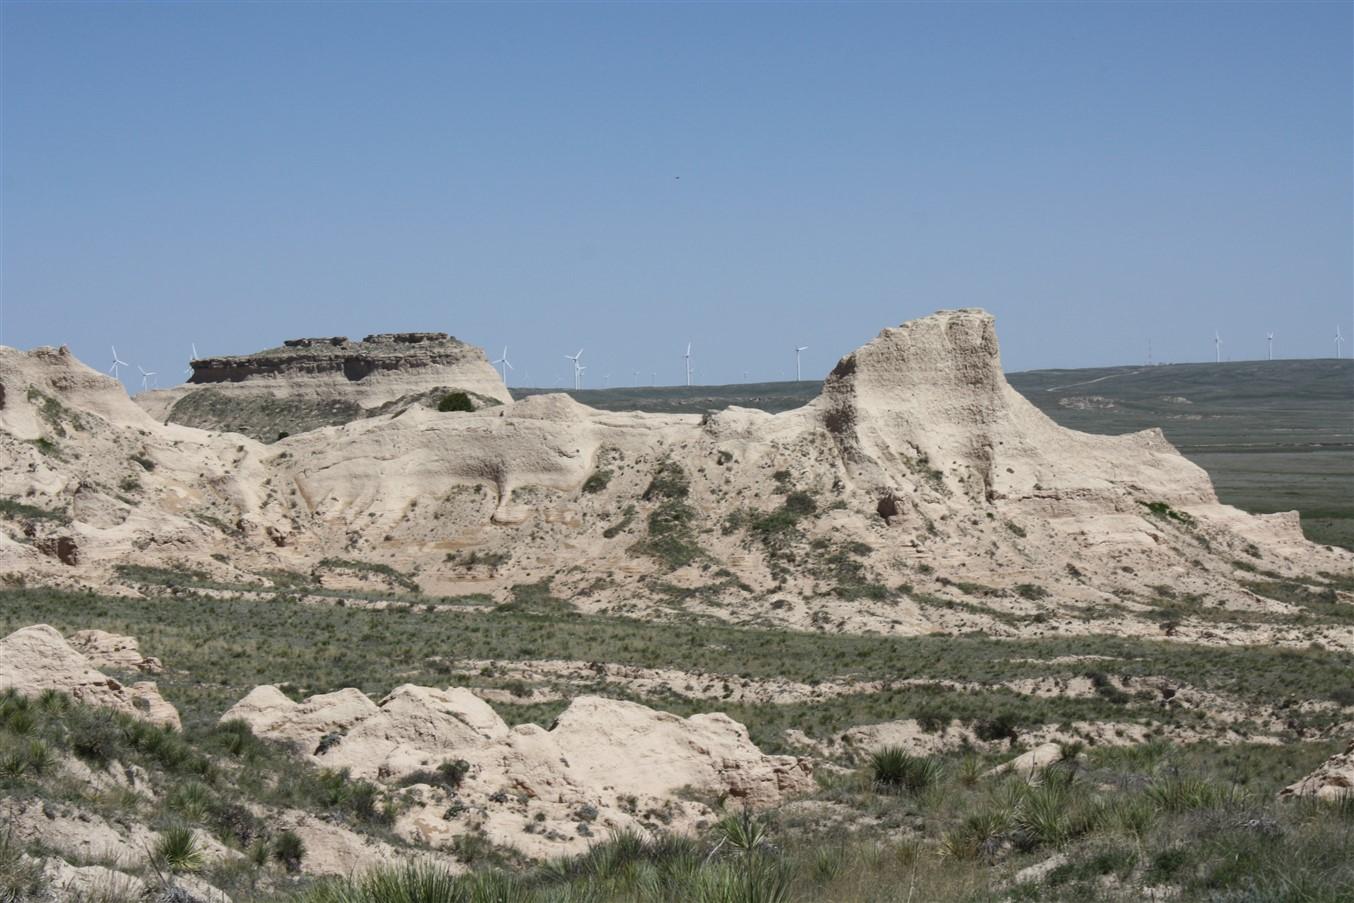 2010 05 23 Colorado 8 Pawnee Bluffs.jpg